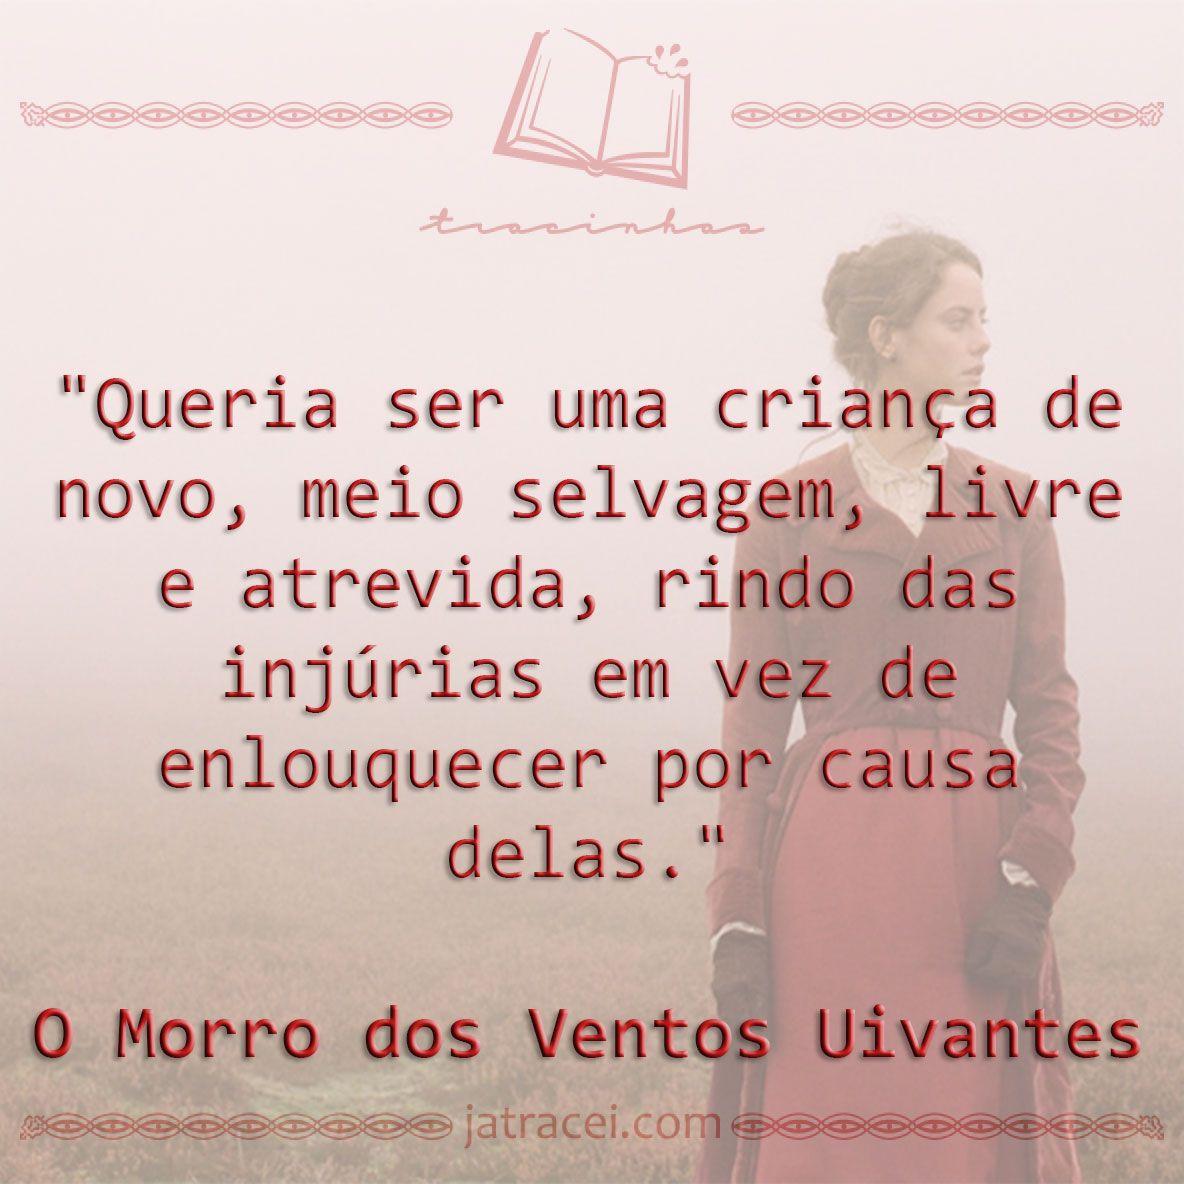 Livro O Morro Dos Ventos Uivantes Quotes Trechos Frases